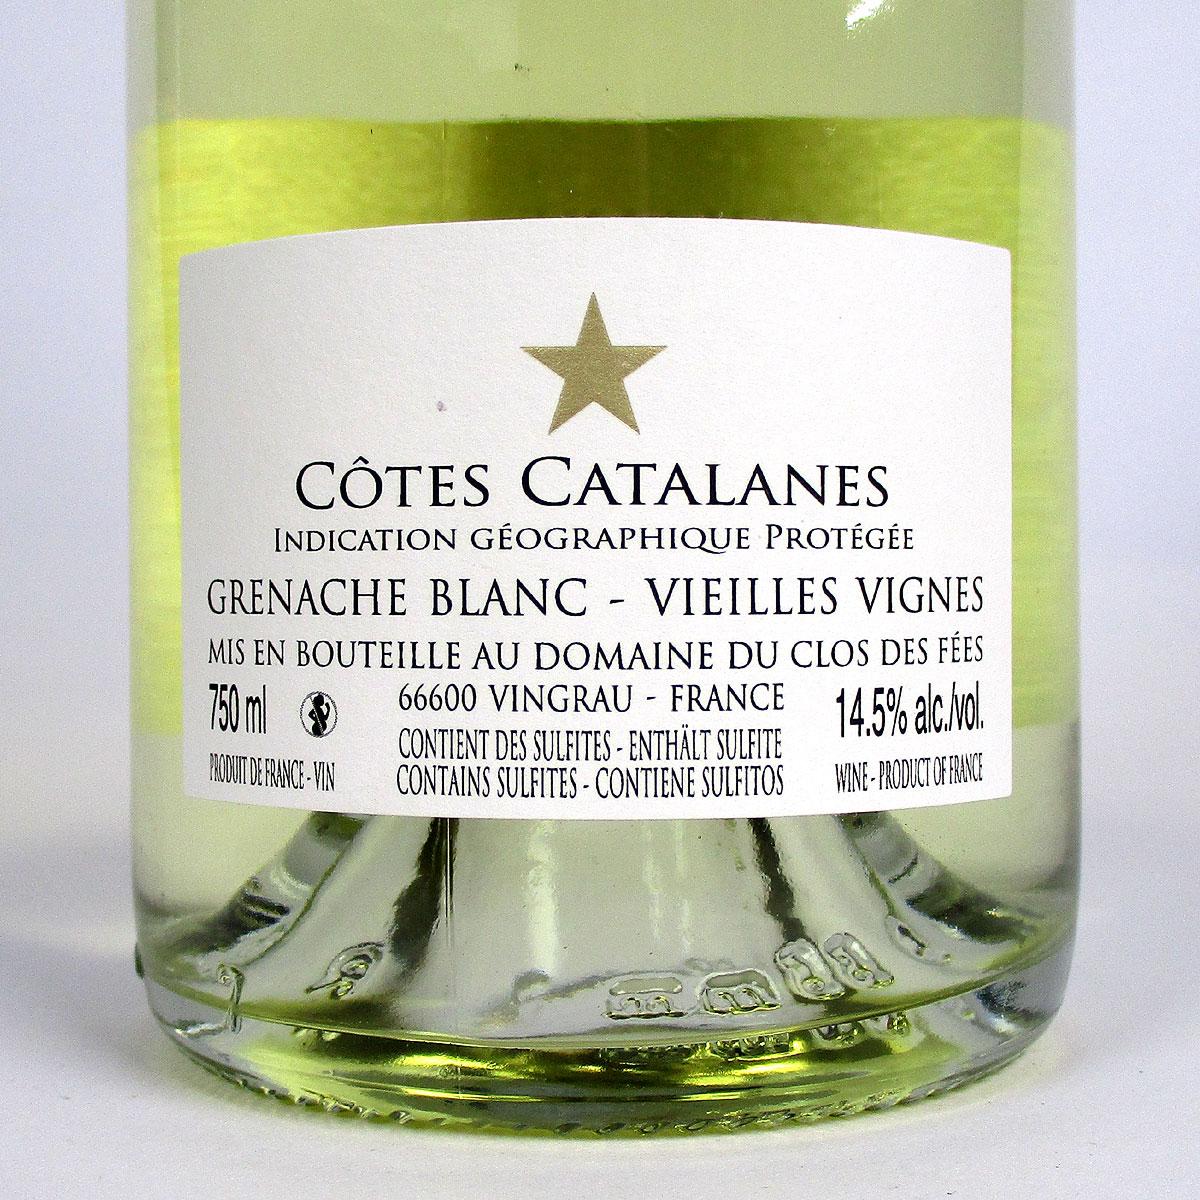 IGP Côtes Catalanes: 'Vieilles Vignes' Domaine du Clos des Fées Grenache Blanc 2018 - Bottle Rear Label